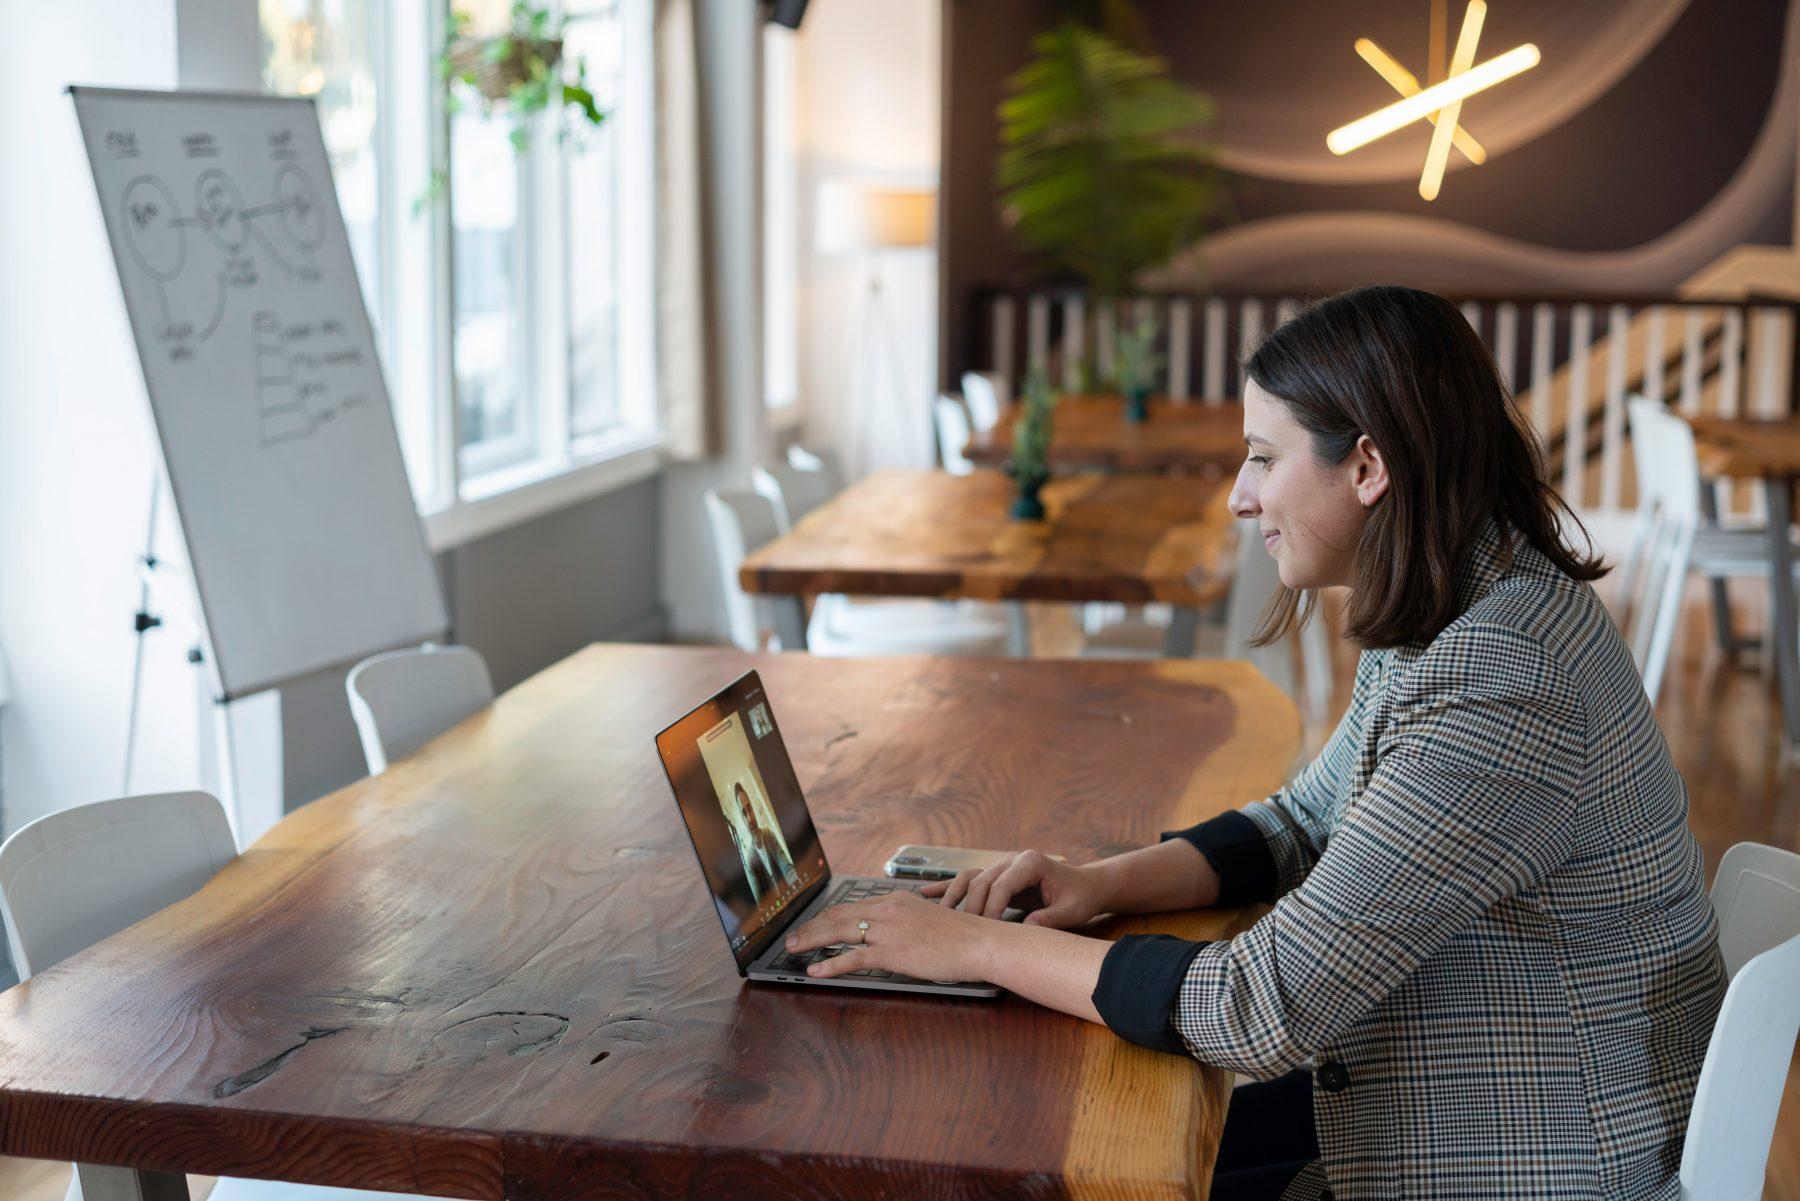 Beitragsbild: Frau im HomeOffice vor PC